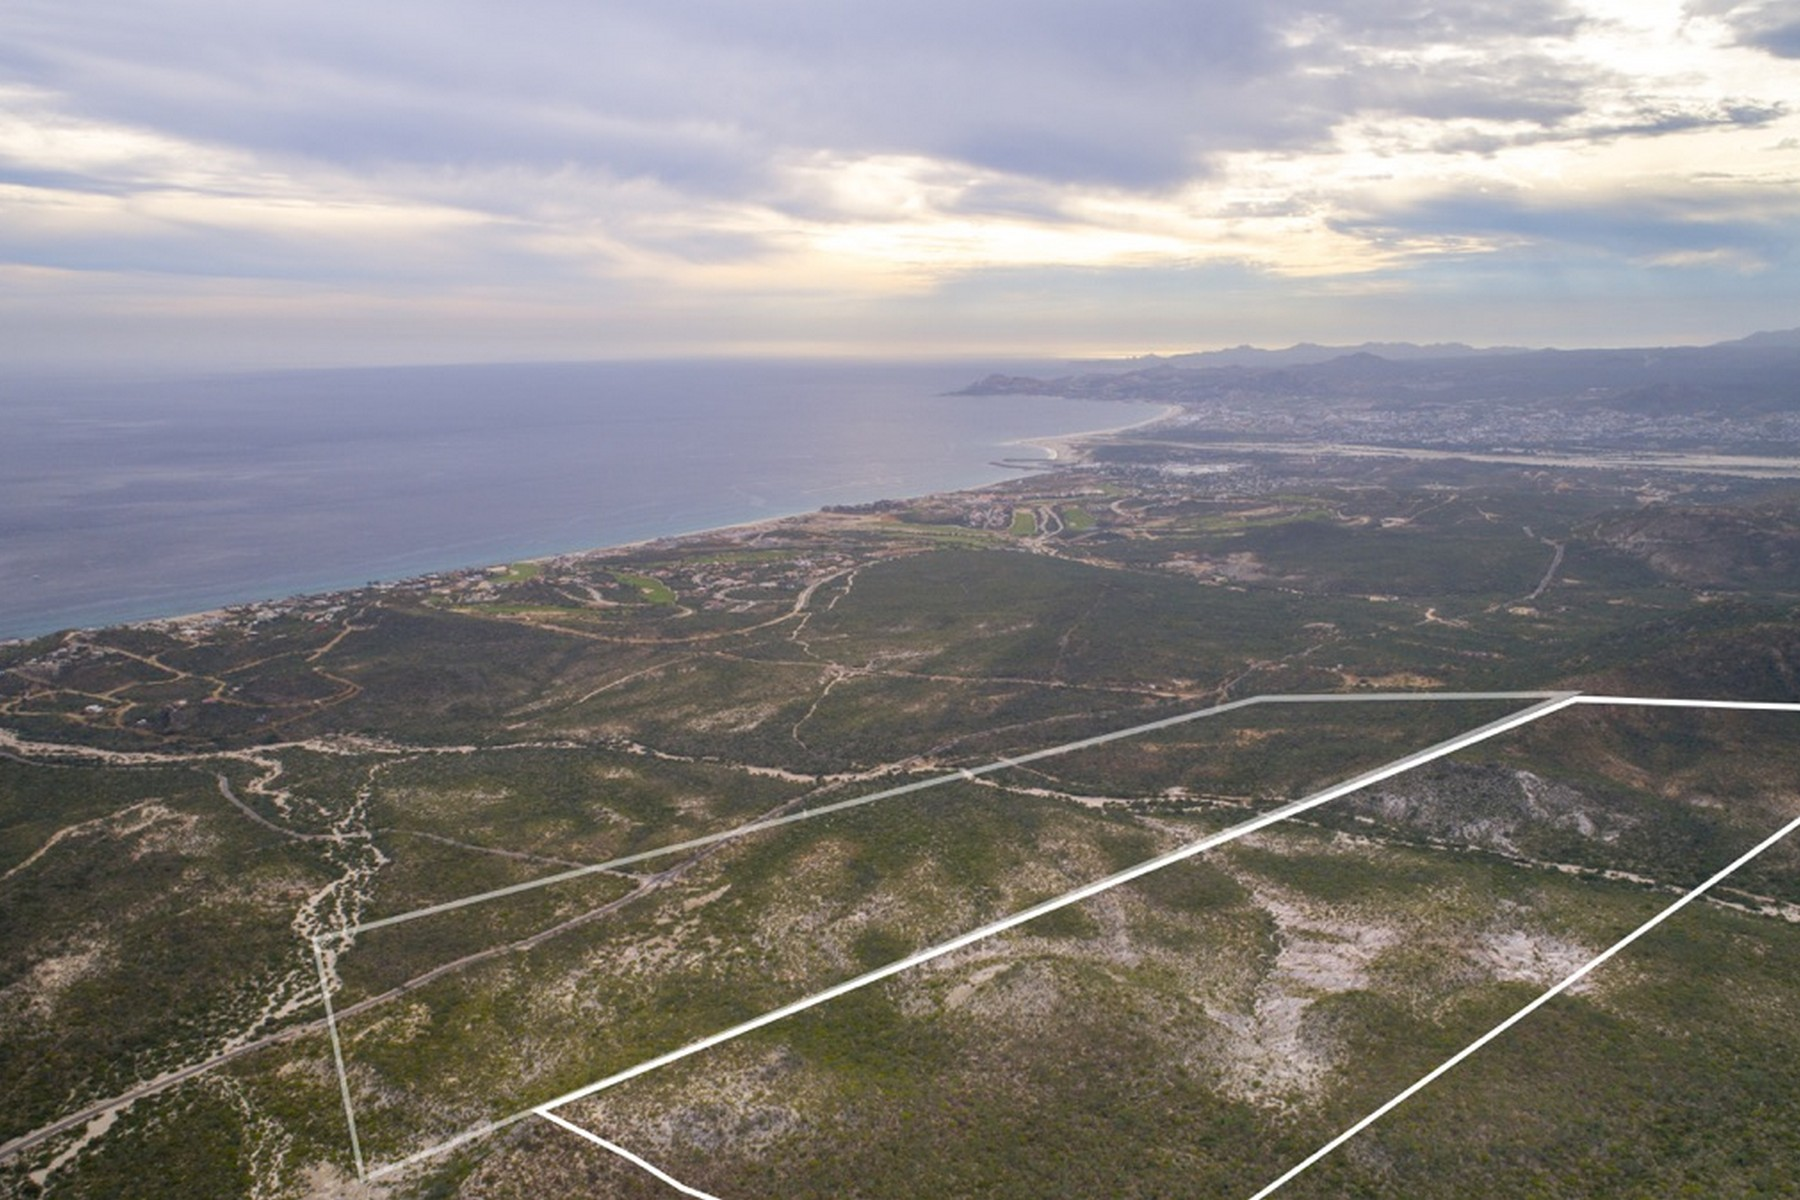 Additional photo for property listing at Las Colinas Fraccion I-D Fraccion ID Remanente Del Predio Demasias de la Laguna del Plano San Jose Del Cabo, Baja California Sur 23403 Mexico